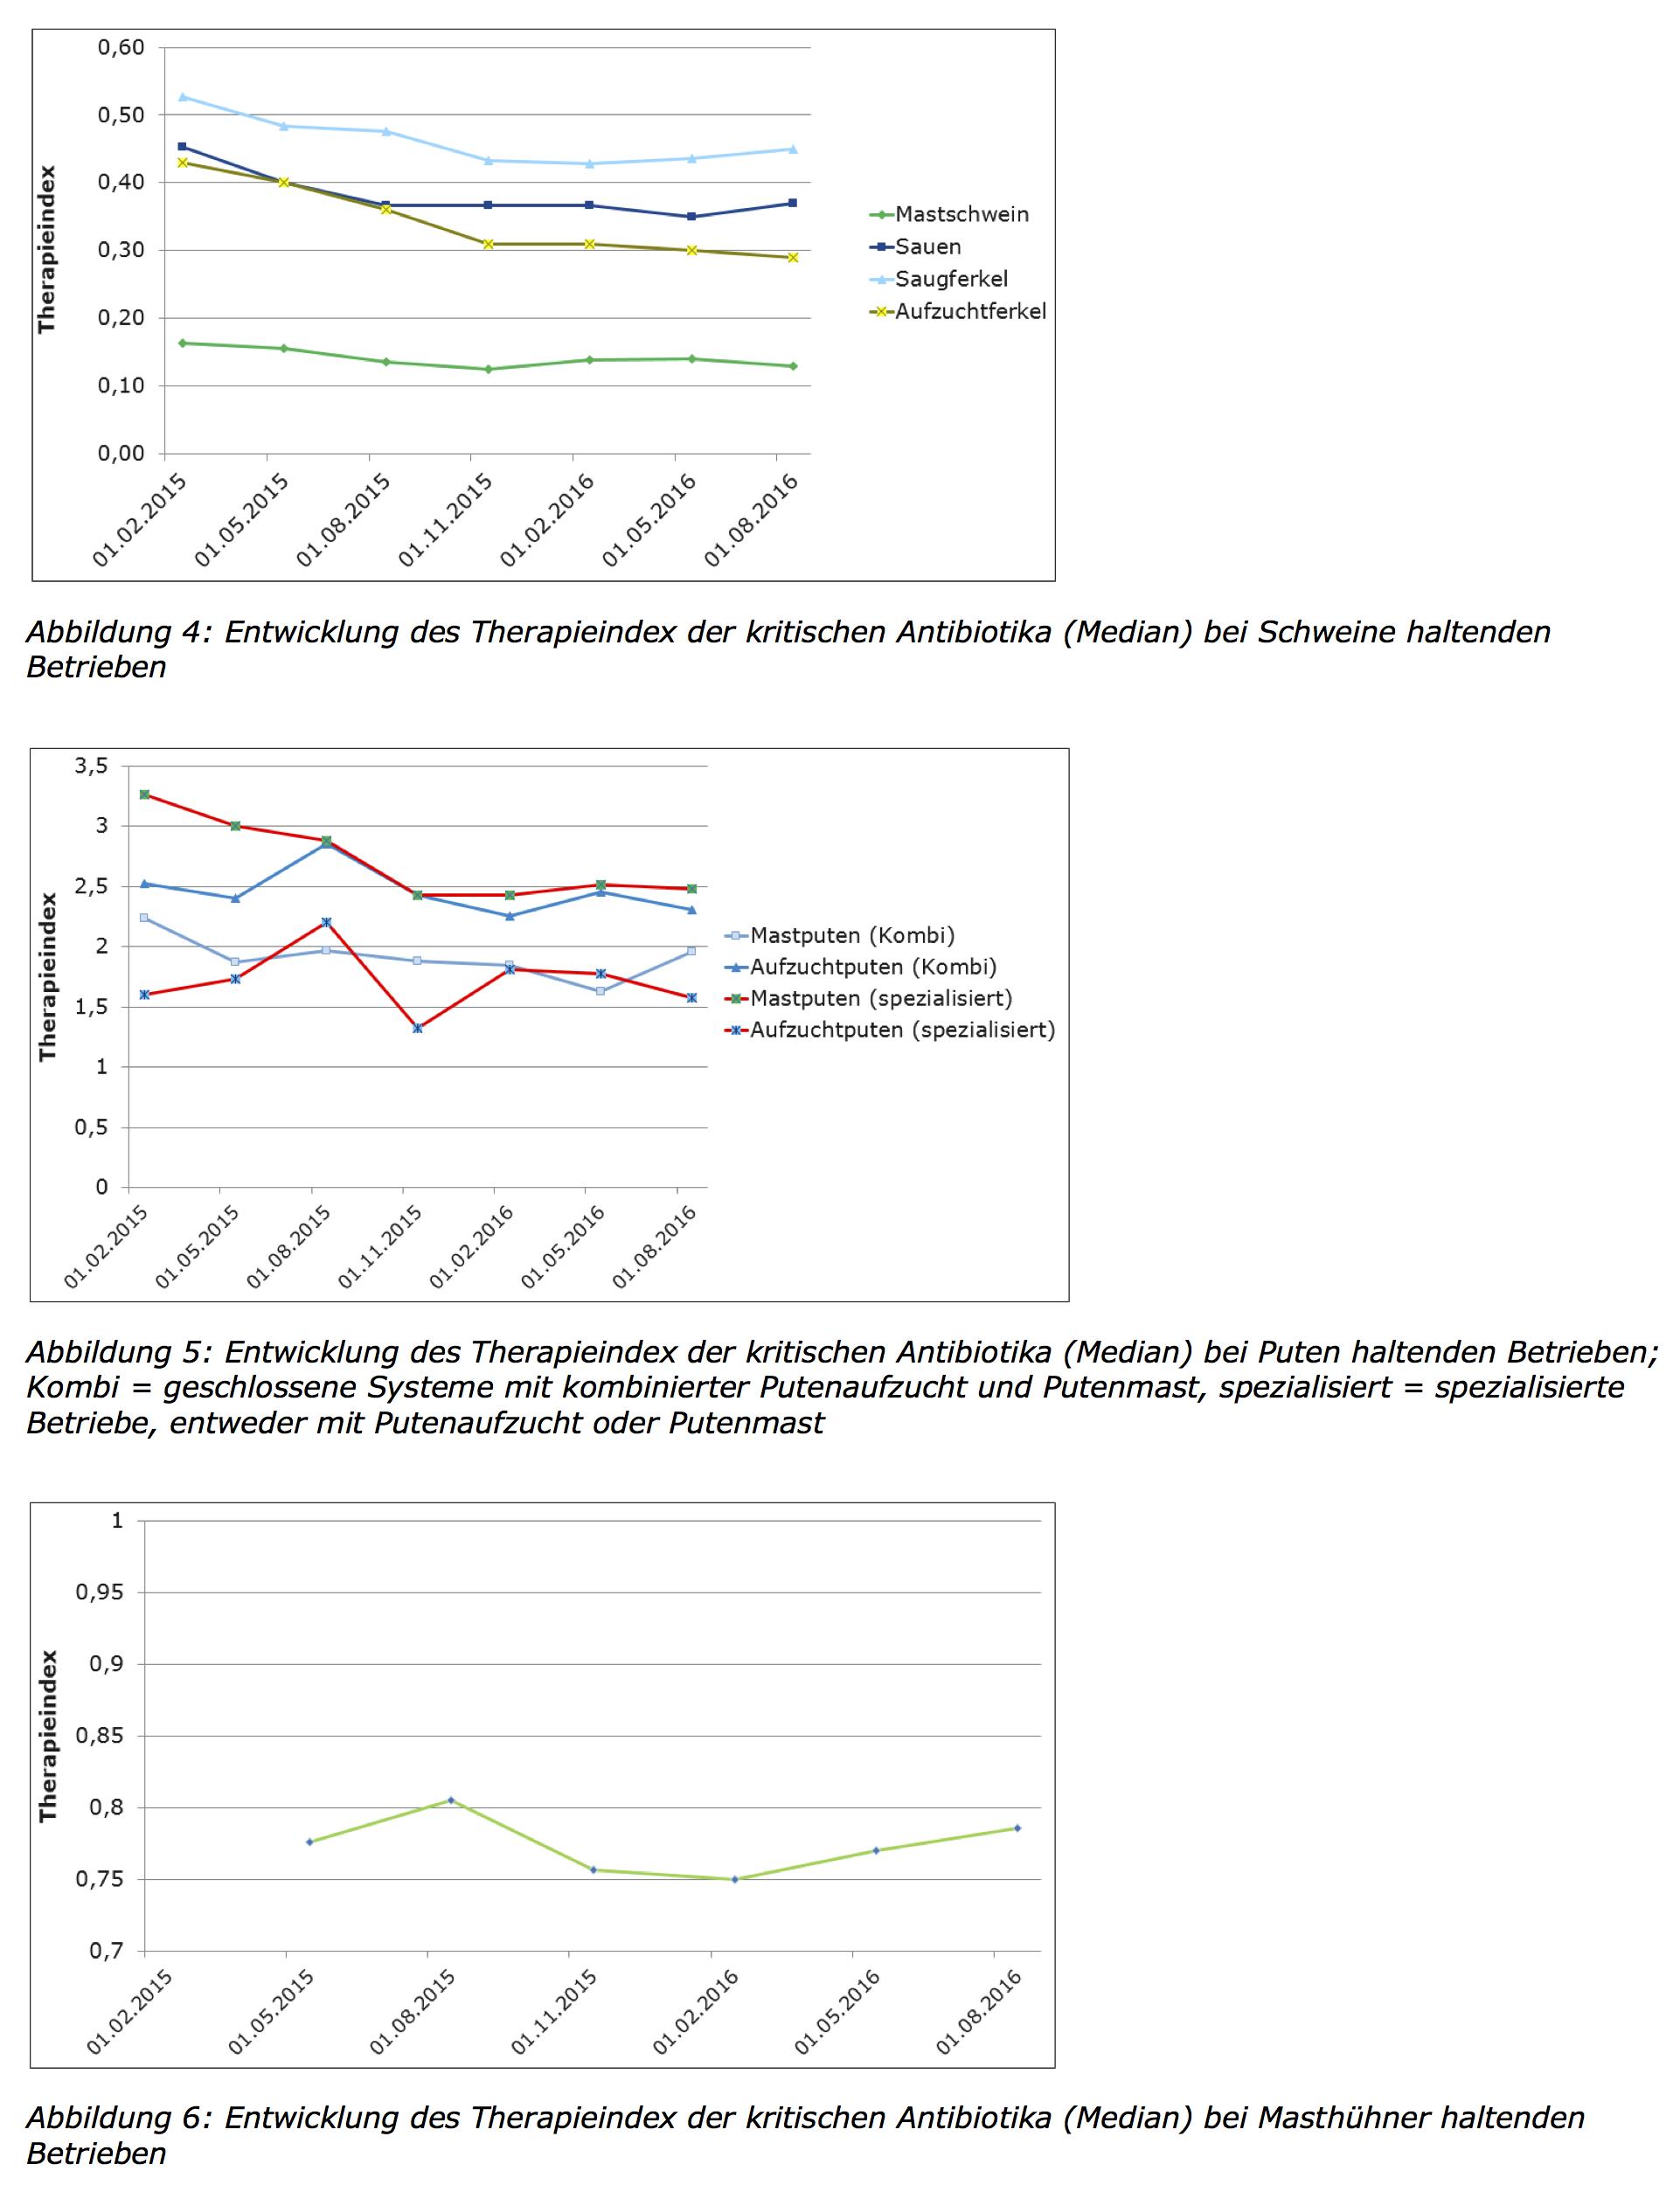 QS-Therapieindex für Reserveantibiotika: Einsatz pendelt sich auf niedrigem Niveau ein. (Tabellen: © QS)